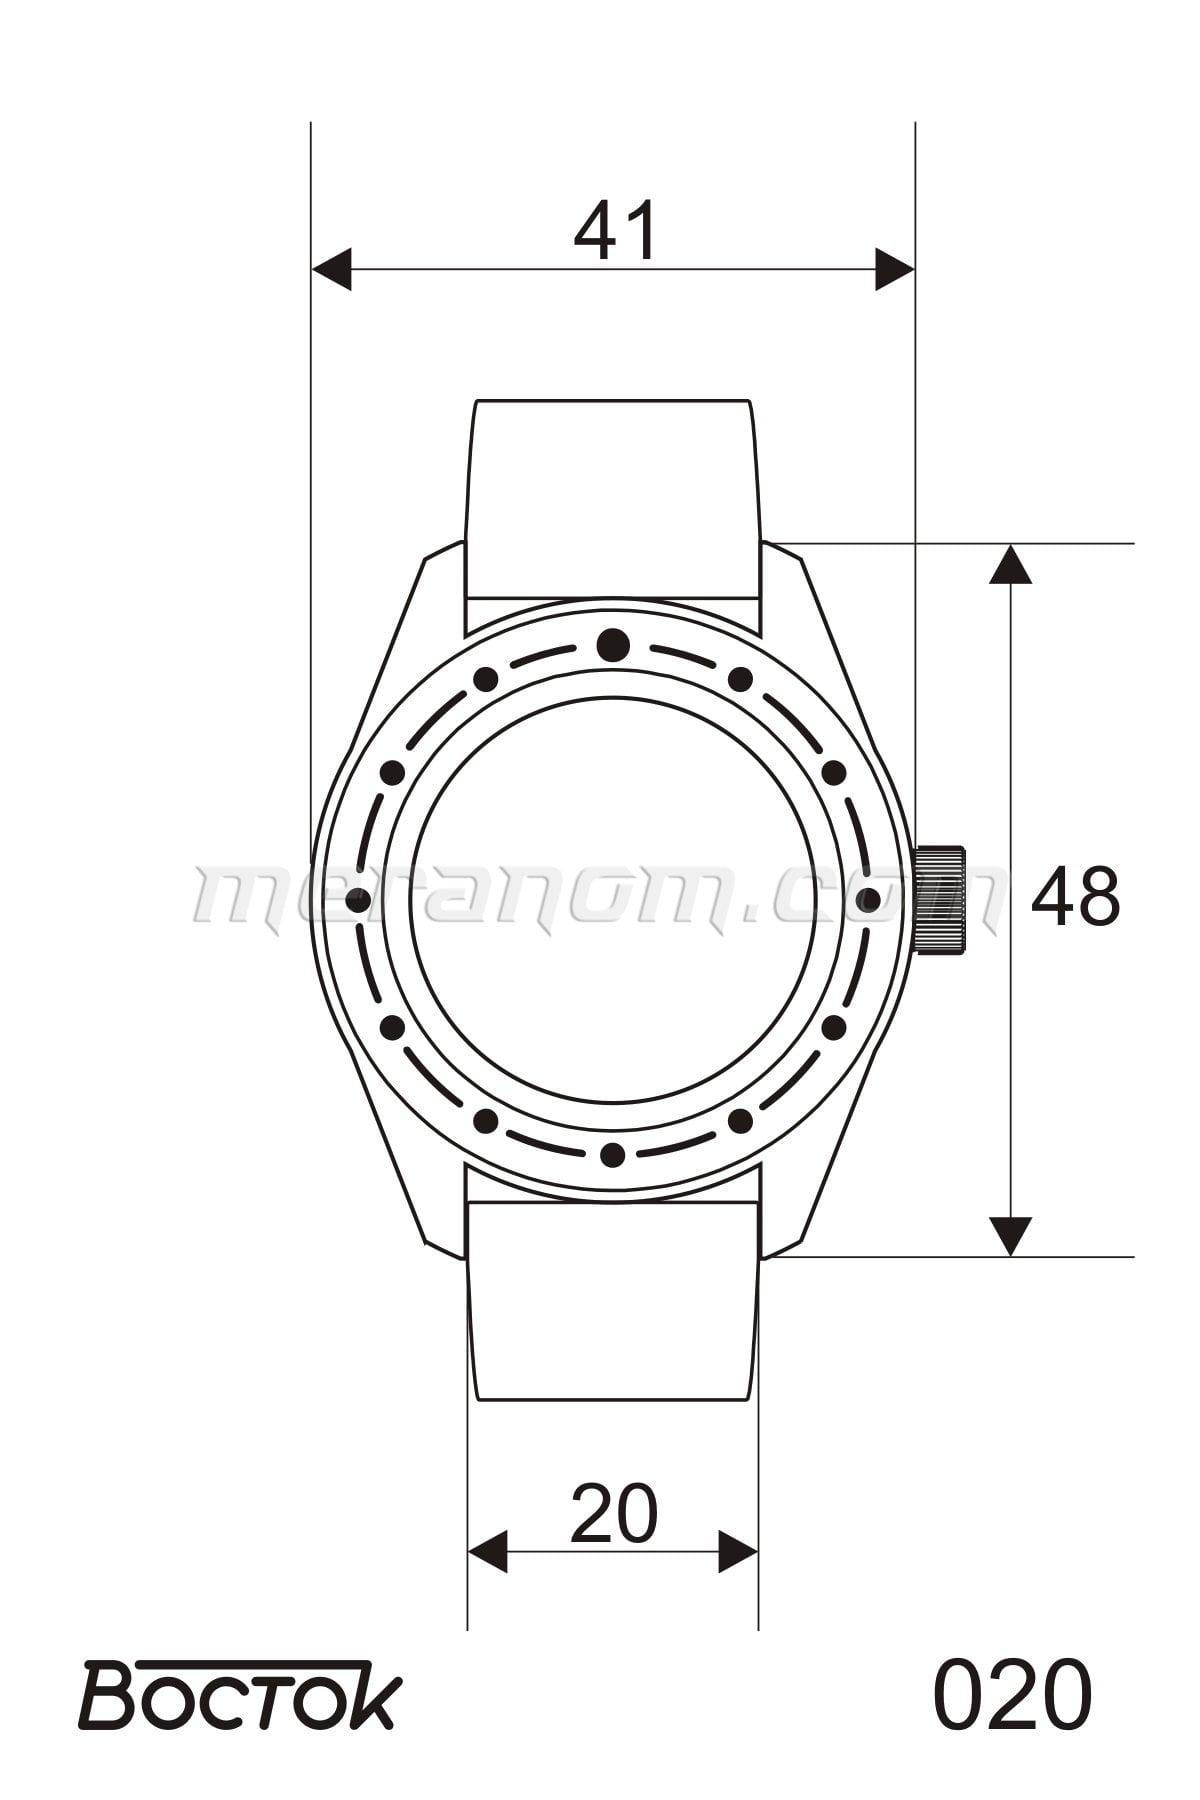 Amphibia - Dimensions des boitiers et entrecornes  02-case-size-max-900